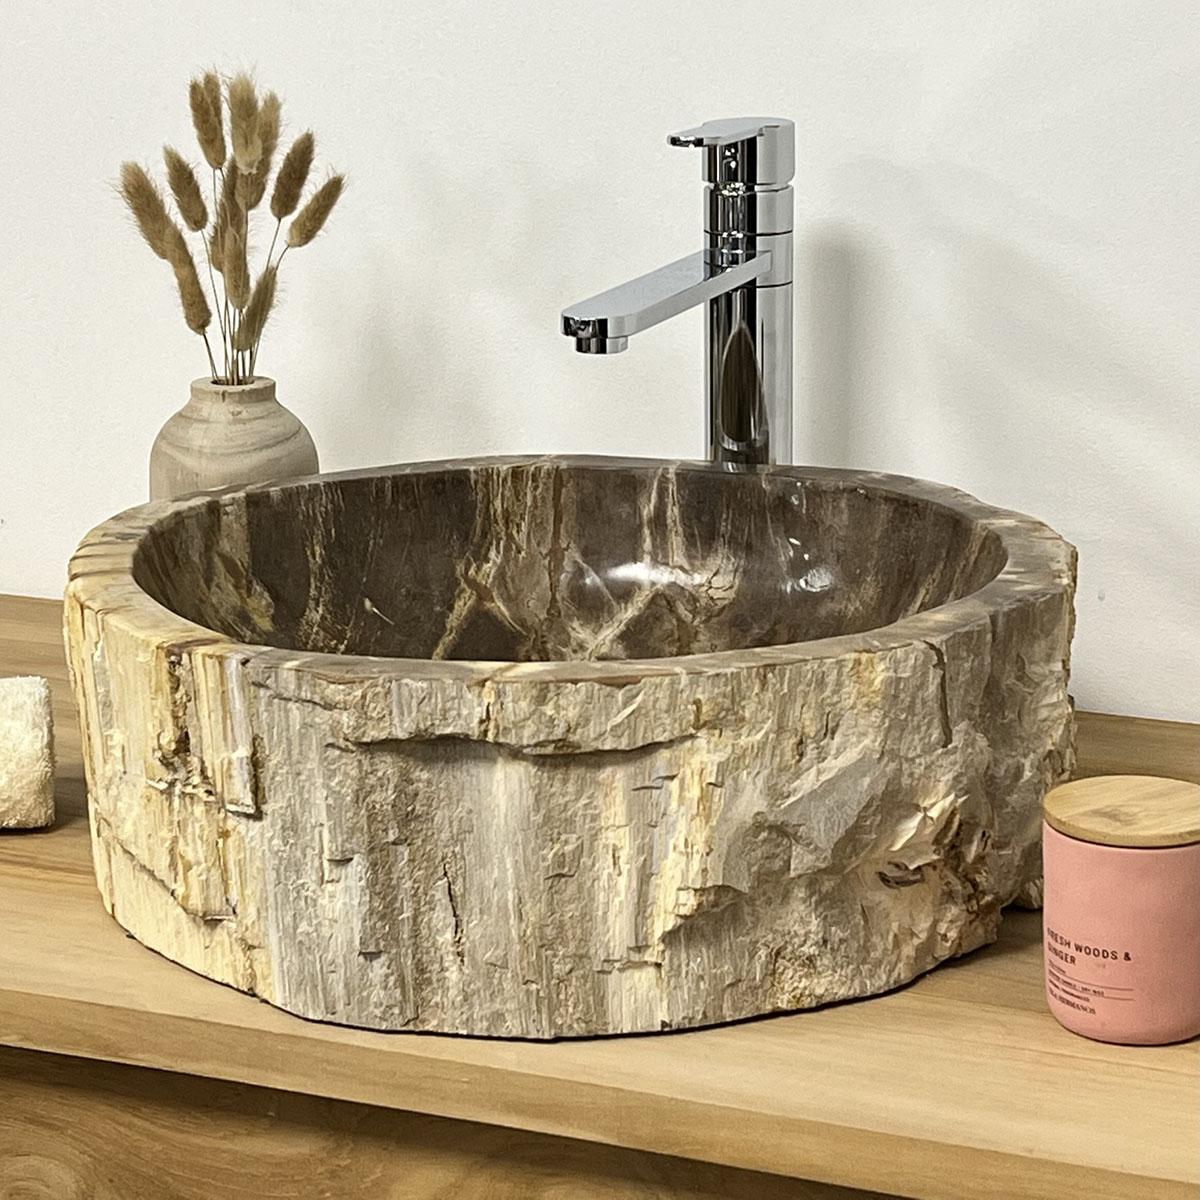 Lavabo de salle de bain en bois p trifi fossilis beige for Lavabo de salle de bain